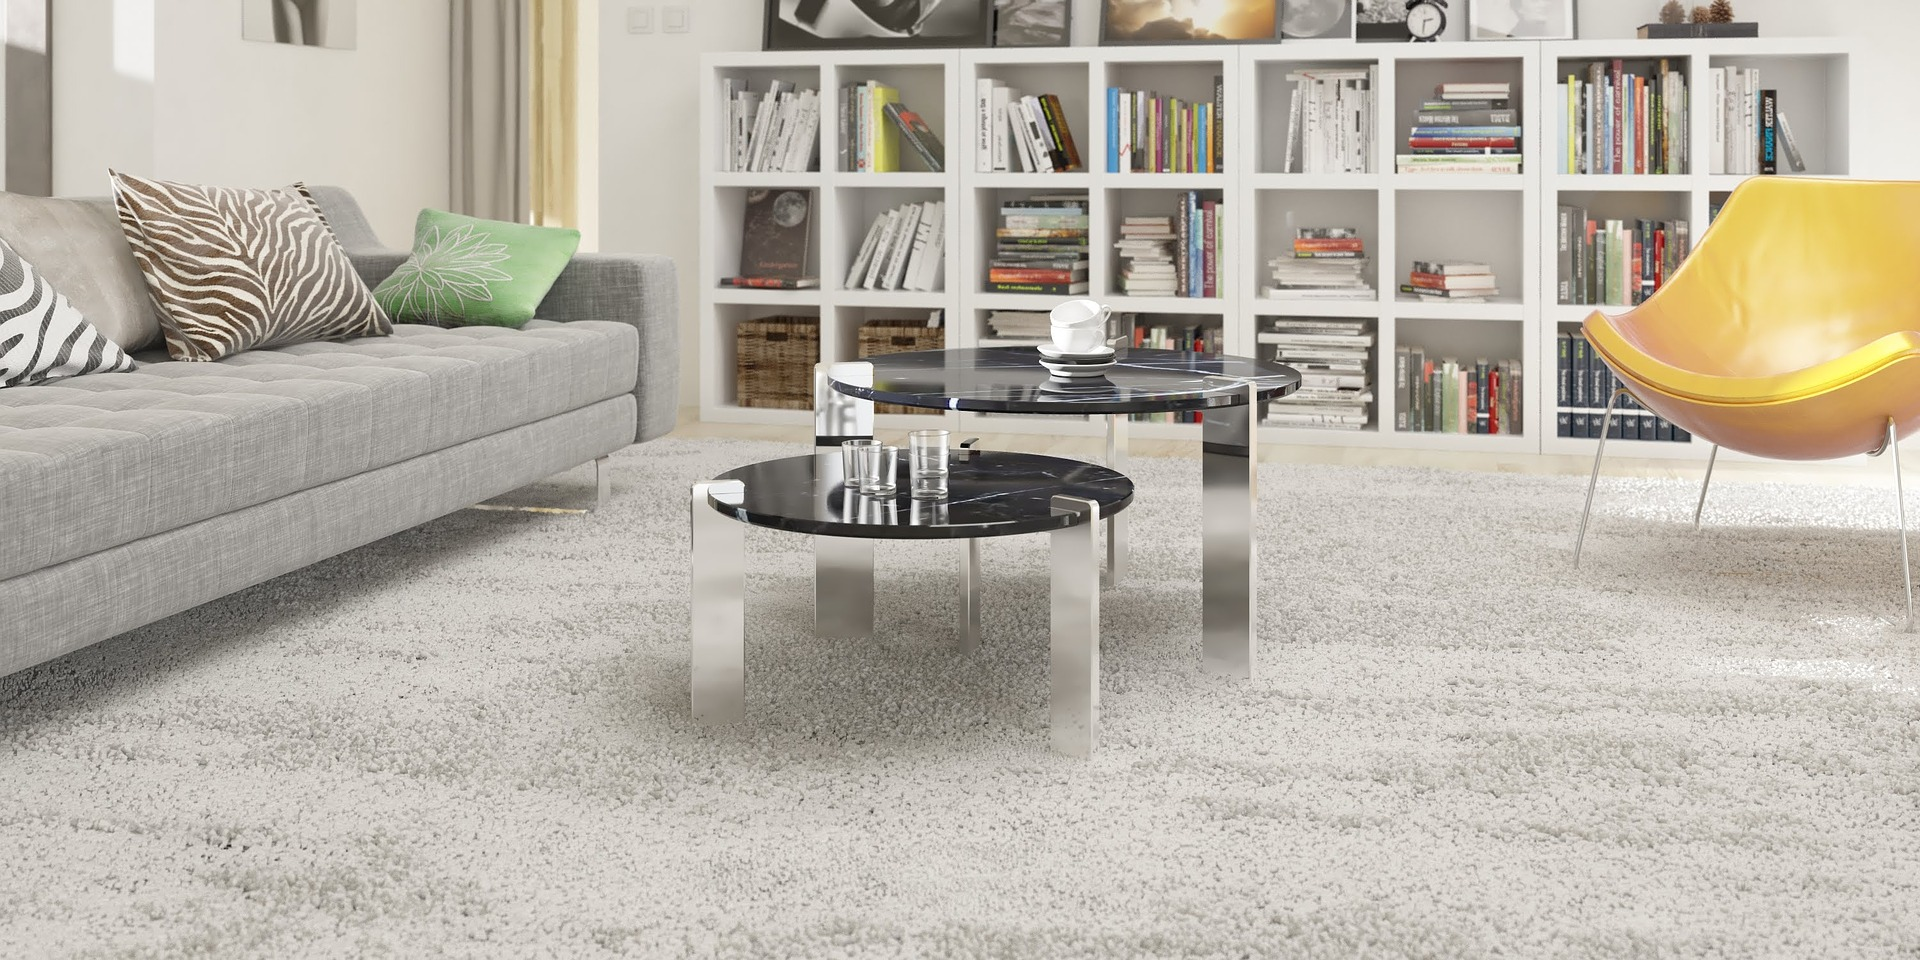 Como fazer a limpeza de carpetes? Veja passo a passo simples